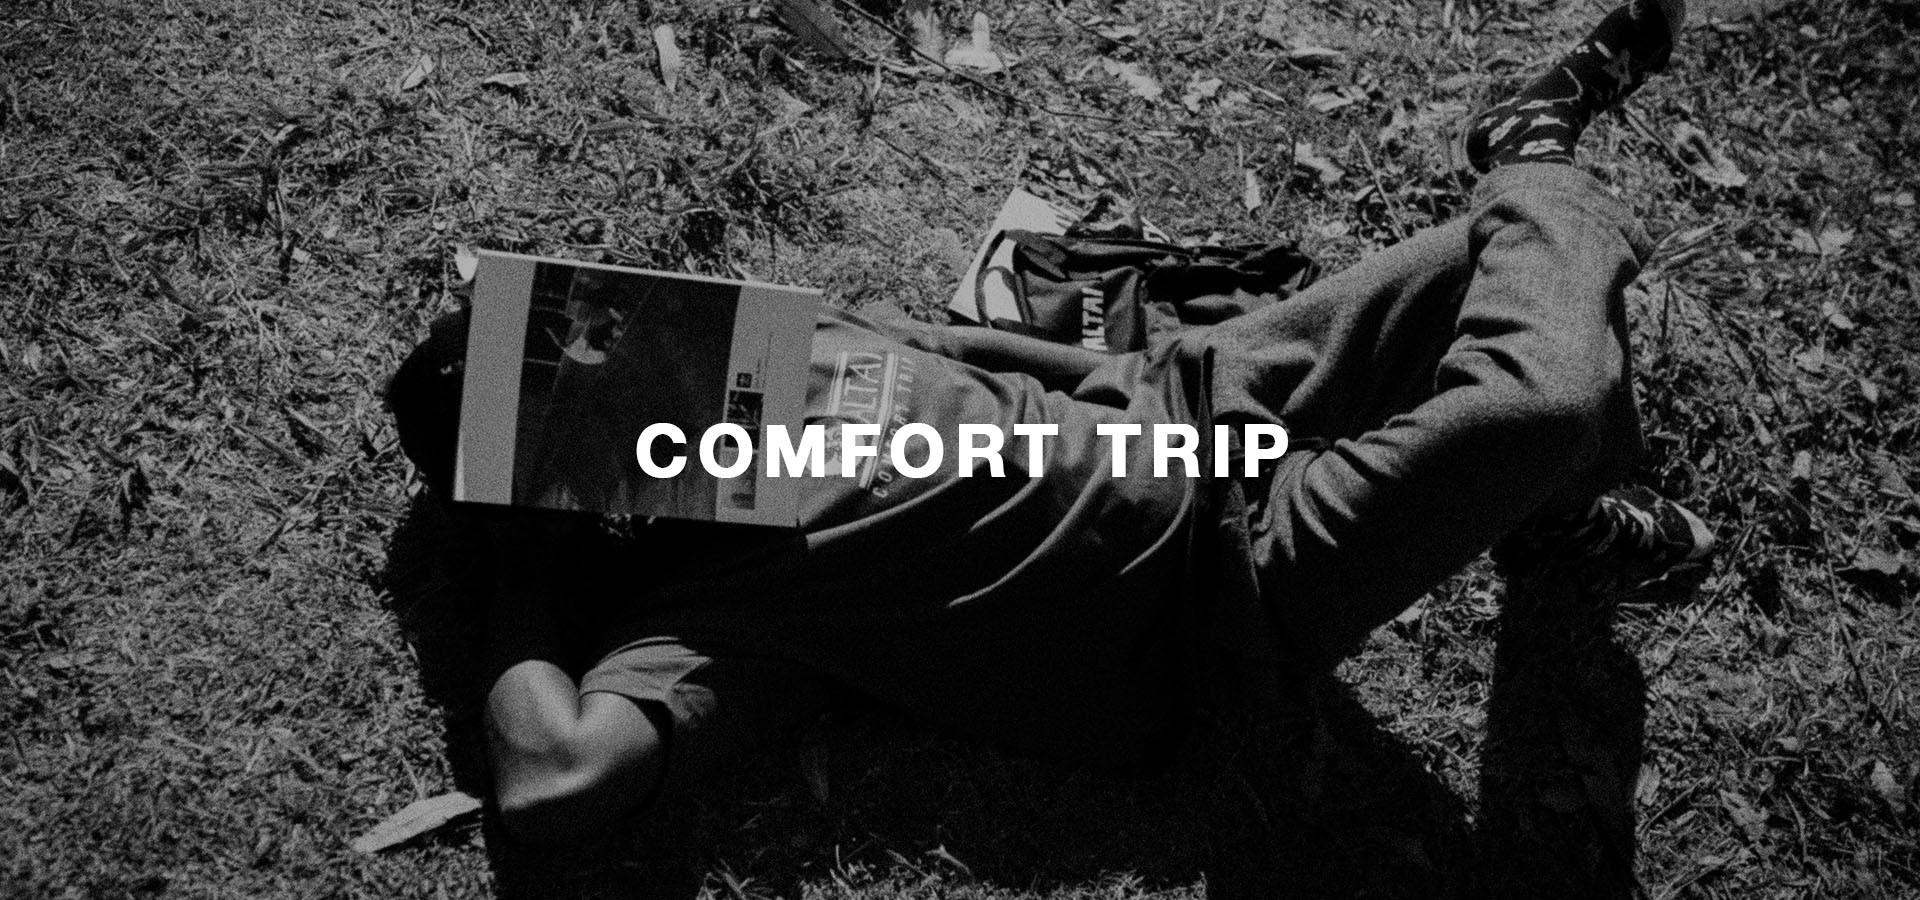 [Campanha] Fullbanner - Comfort Trip